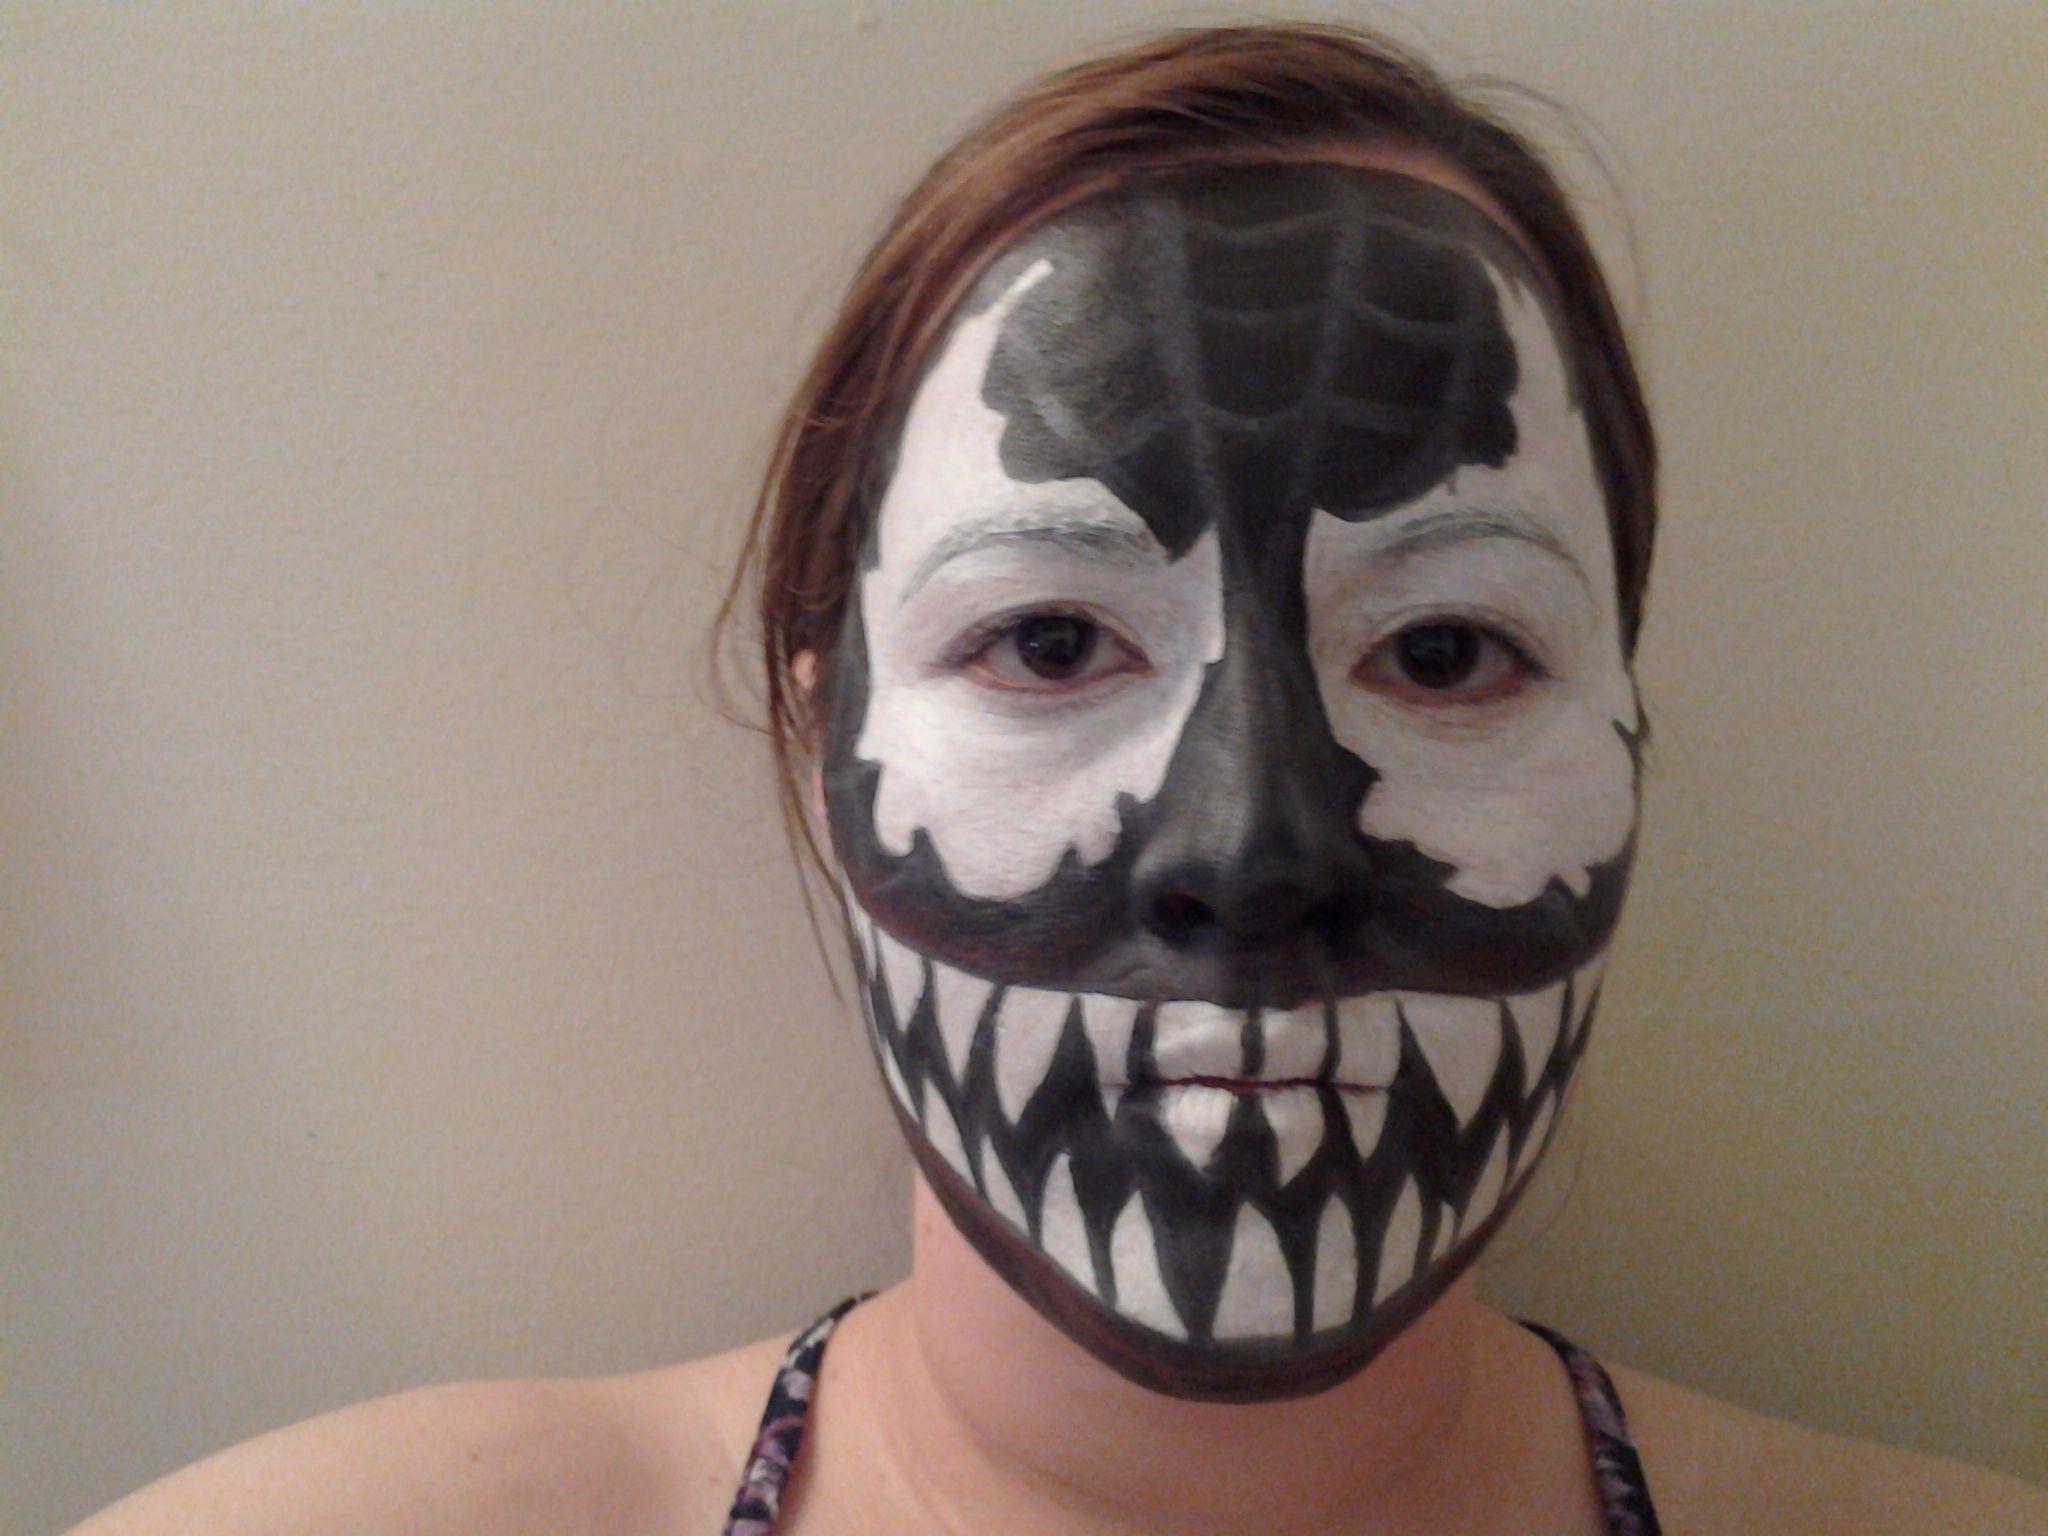 Venom face paint face painting pinterest venom venom face paint baditri Images